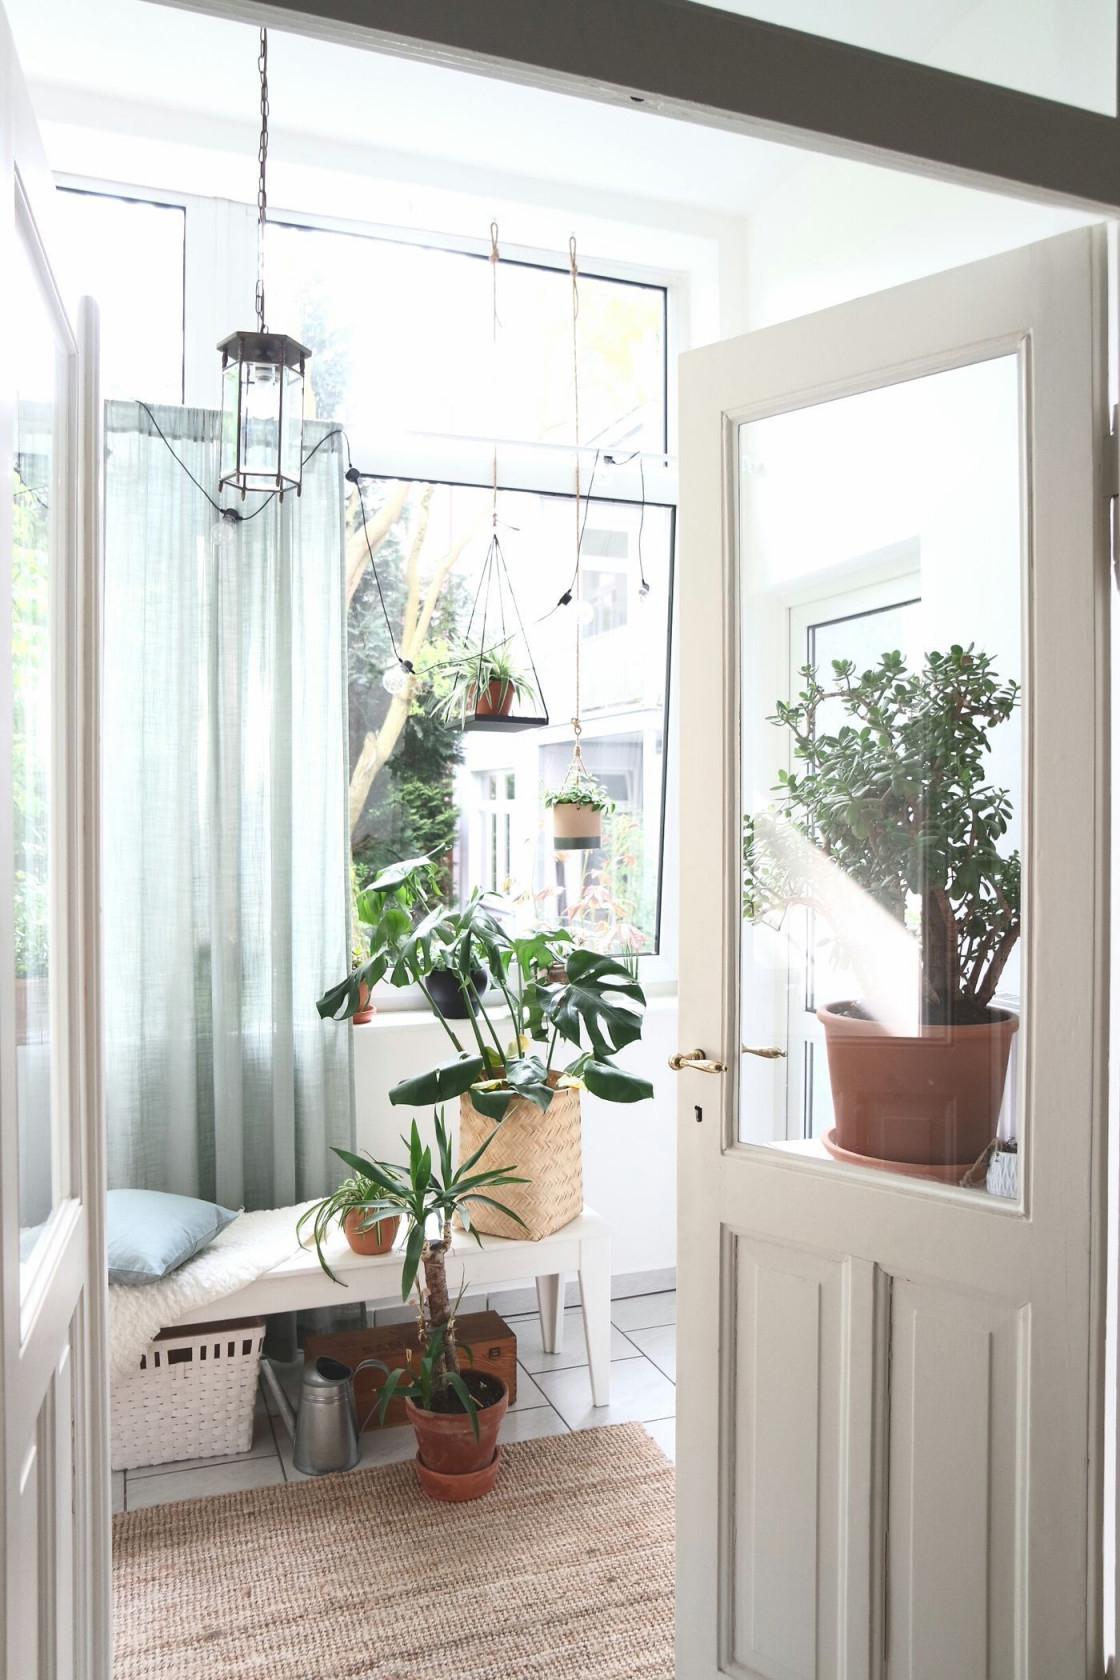 Die Schönsten Ideen Für Die Fensterbank  Fensterbrett Deko von Deko Wohnzimmer Fensterbank Bild